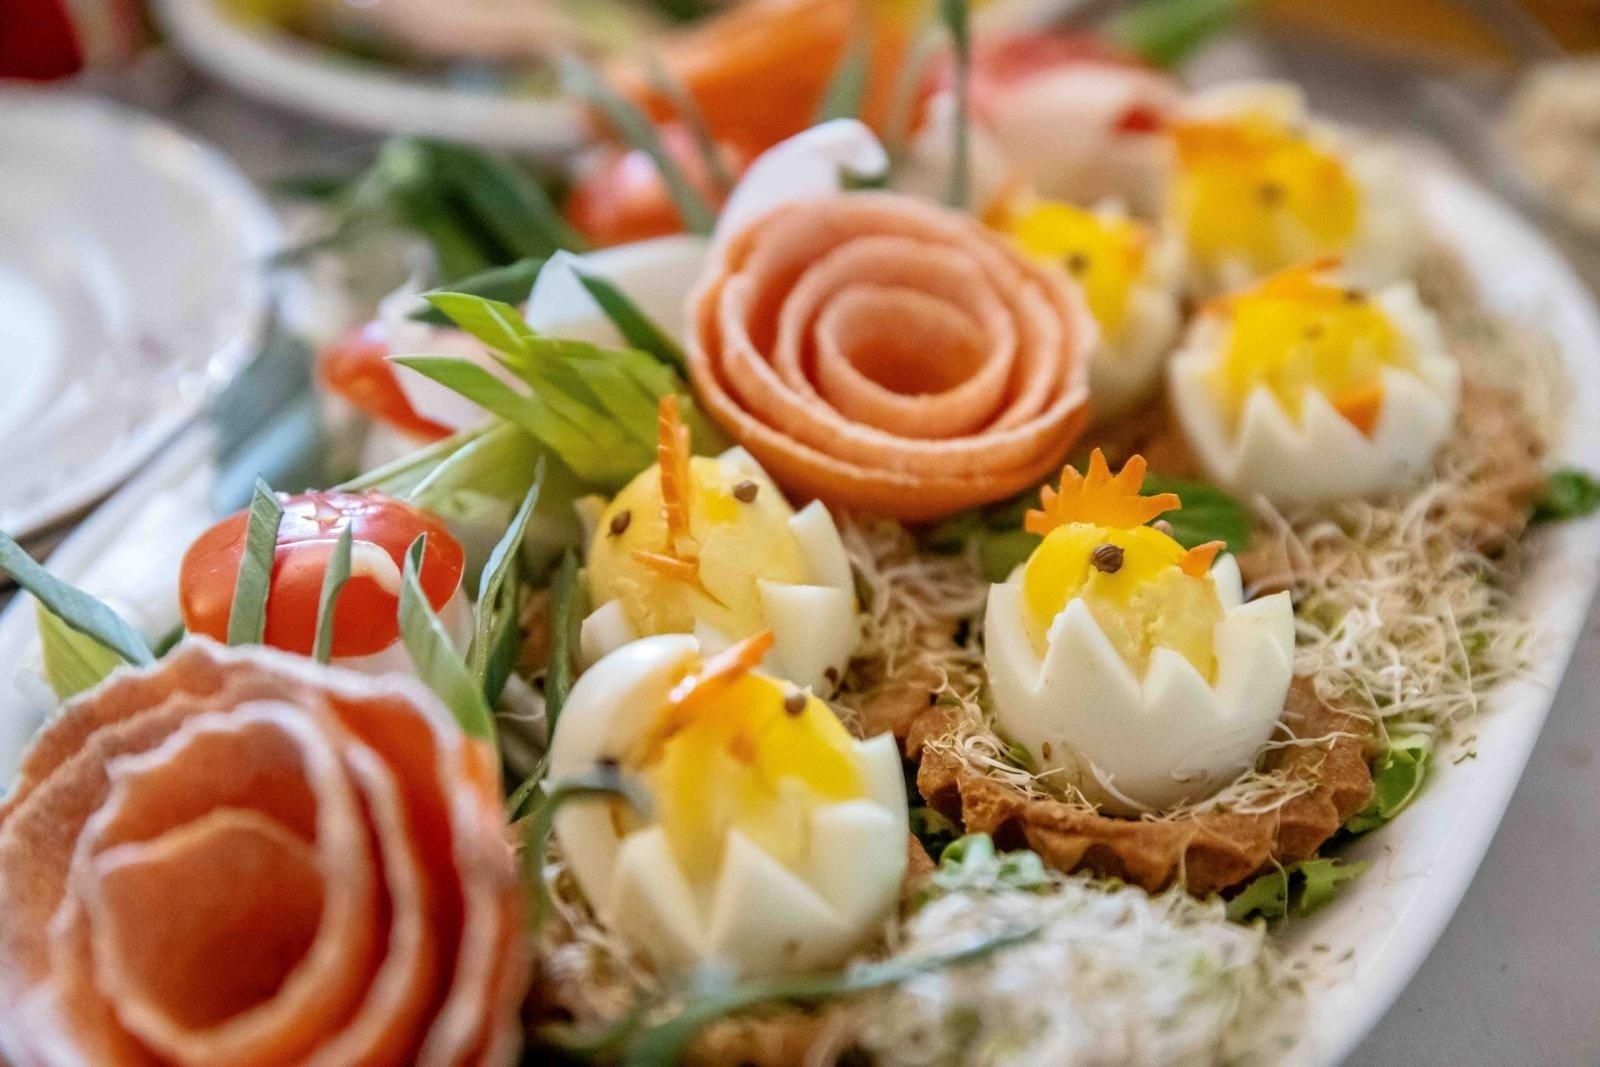 Dekoracje Na Wielkanocny Stół Propozycje Pomysły